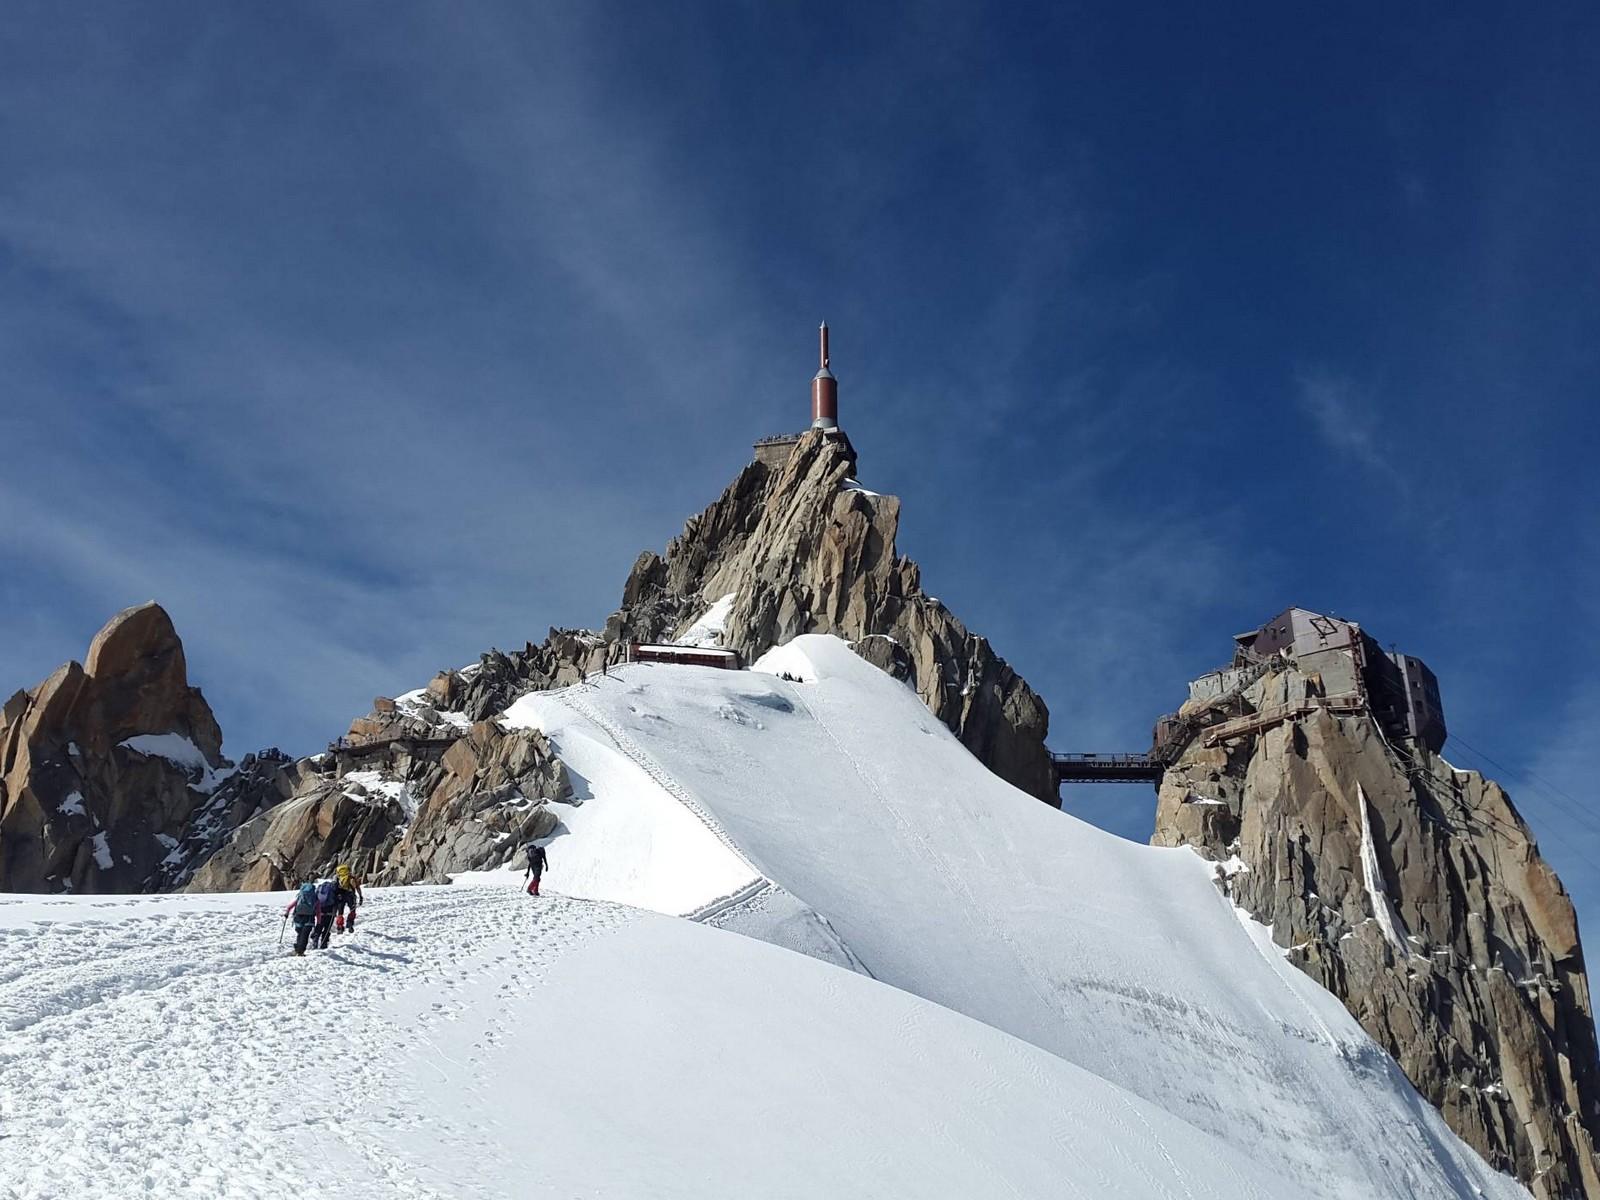 Visite de l'aiguille du midi séminaire à Chamonix